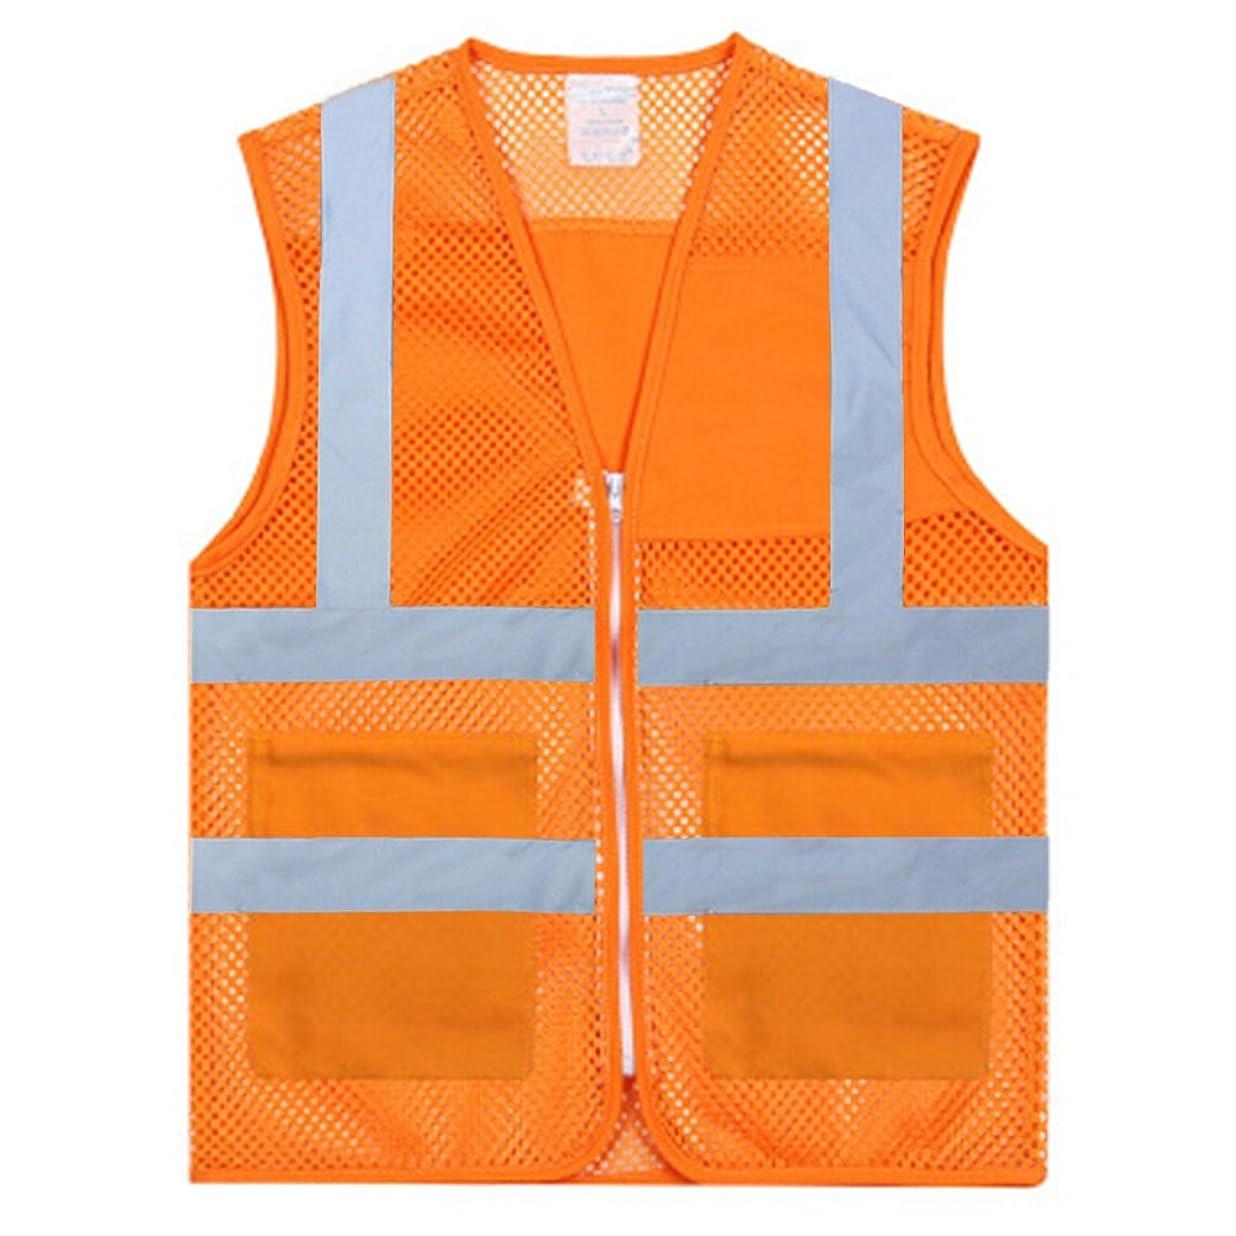 モールス信号ベーリング海峡ライターTOPTIE 50ピース安全ベスト2ポケット高視認性ジッパーフロントメッシュボランティアベスト卸売 - オレンジ - M